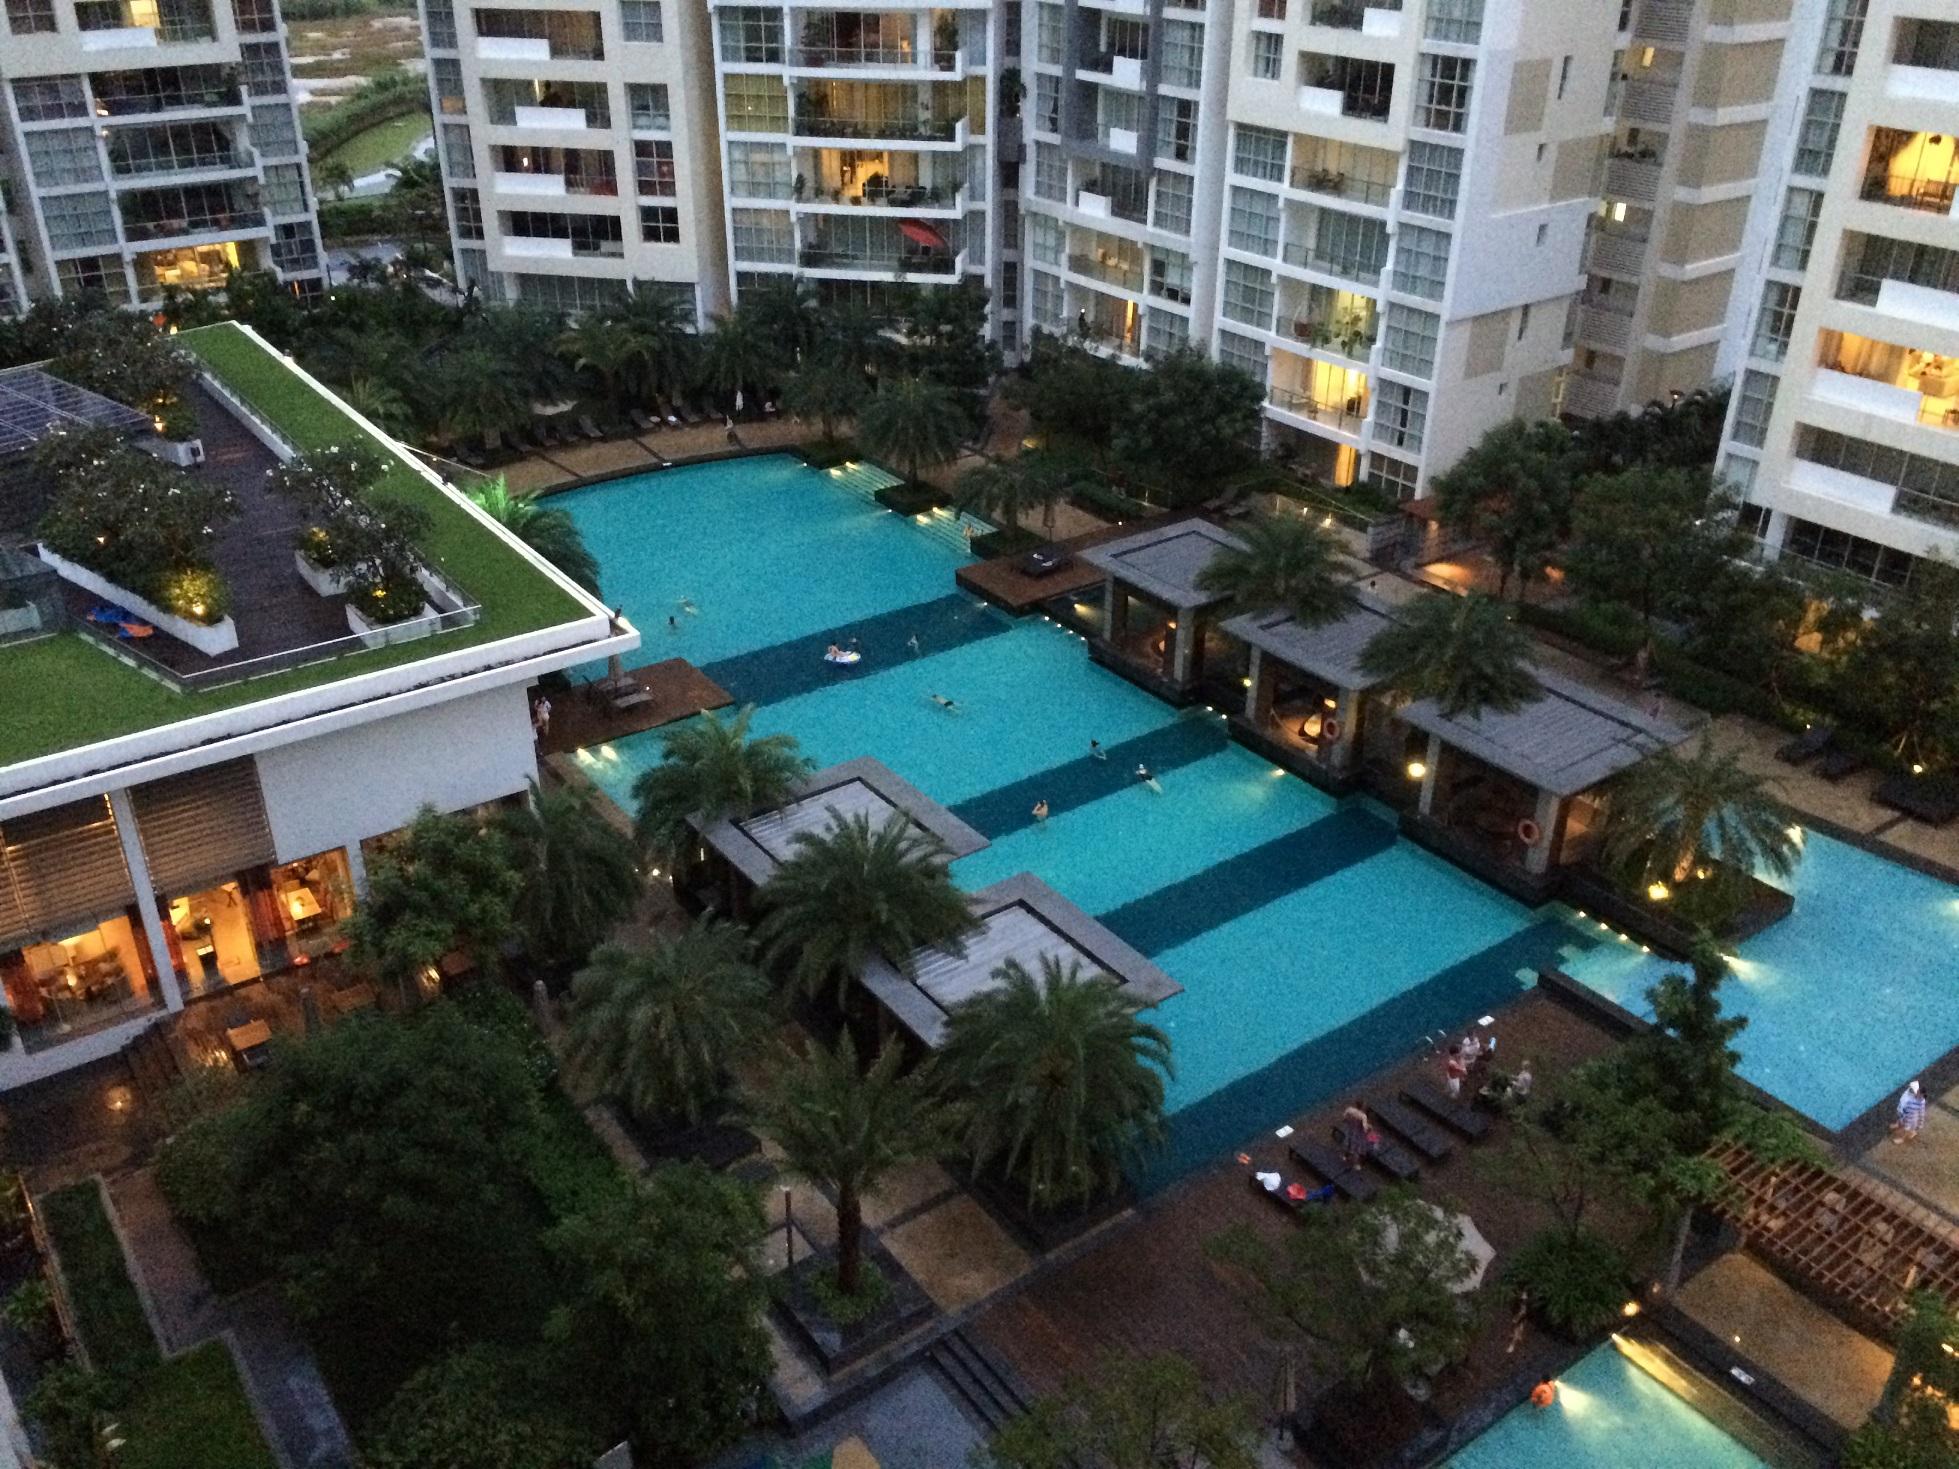 Bán căn hộ The ESTELLA. 3PN Giá 6 tỉ, 3PN Giá 7,5 tỉ, 3PN Giá 8,2 tỉ LH 0909988697